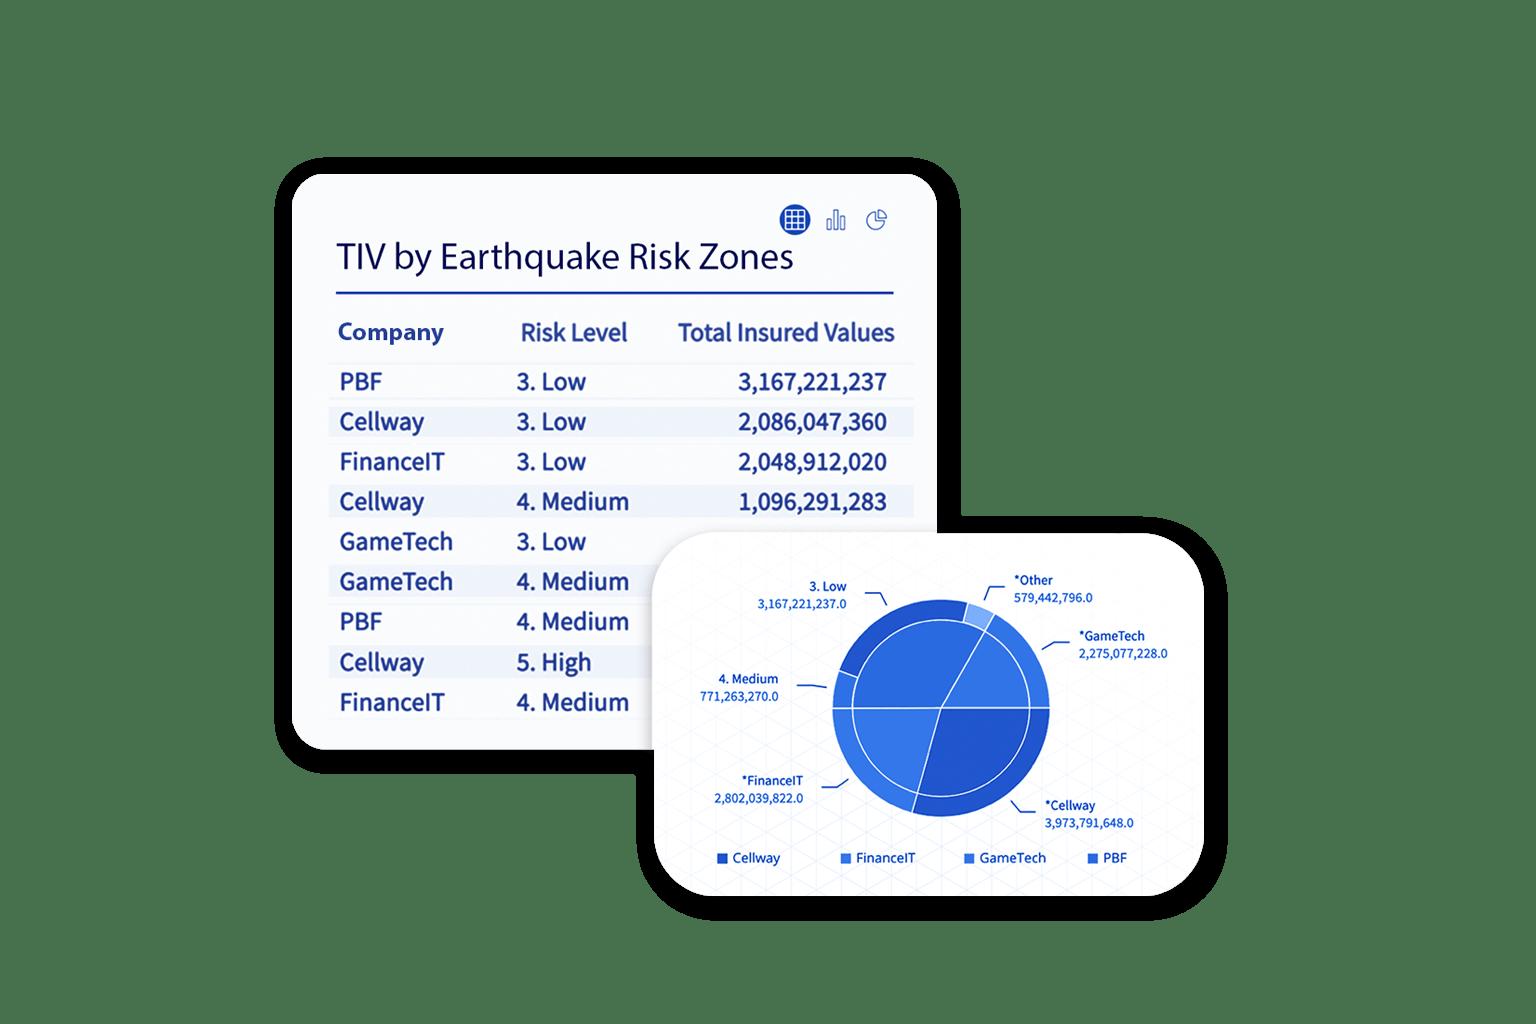 advancedrisk 1536x1024 1 2 - Advanced Risk Analysis